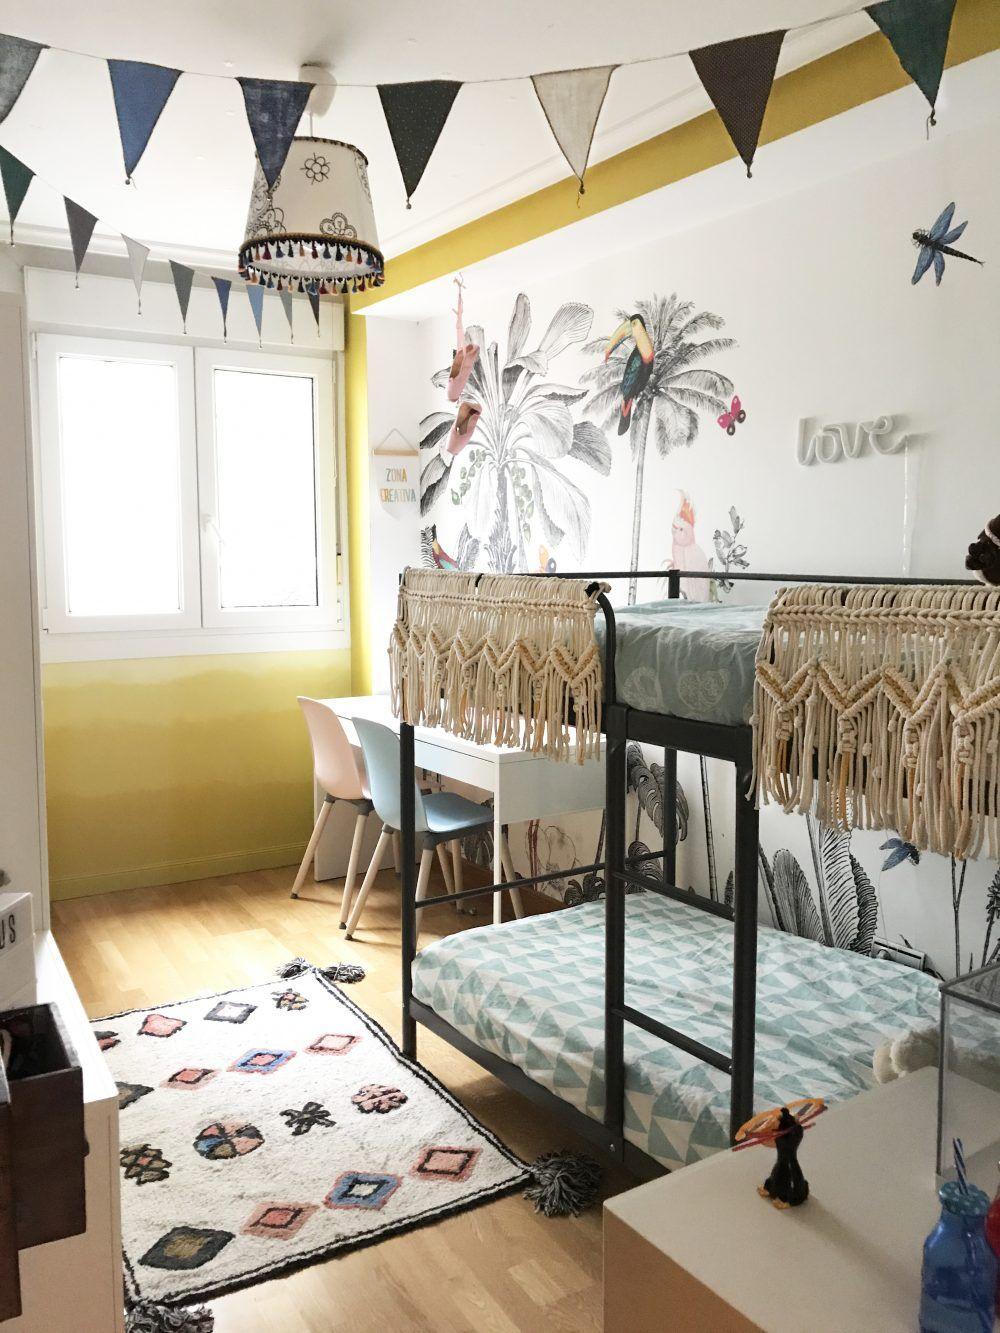 La decoracion de una habitaci n infantil compartida para for Decoracion habitacion compartida nino nina